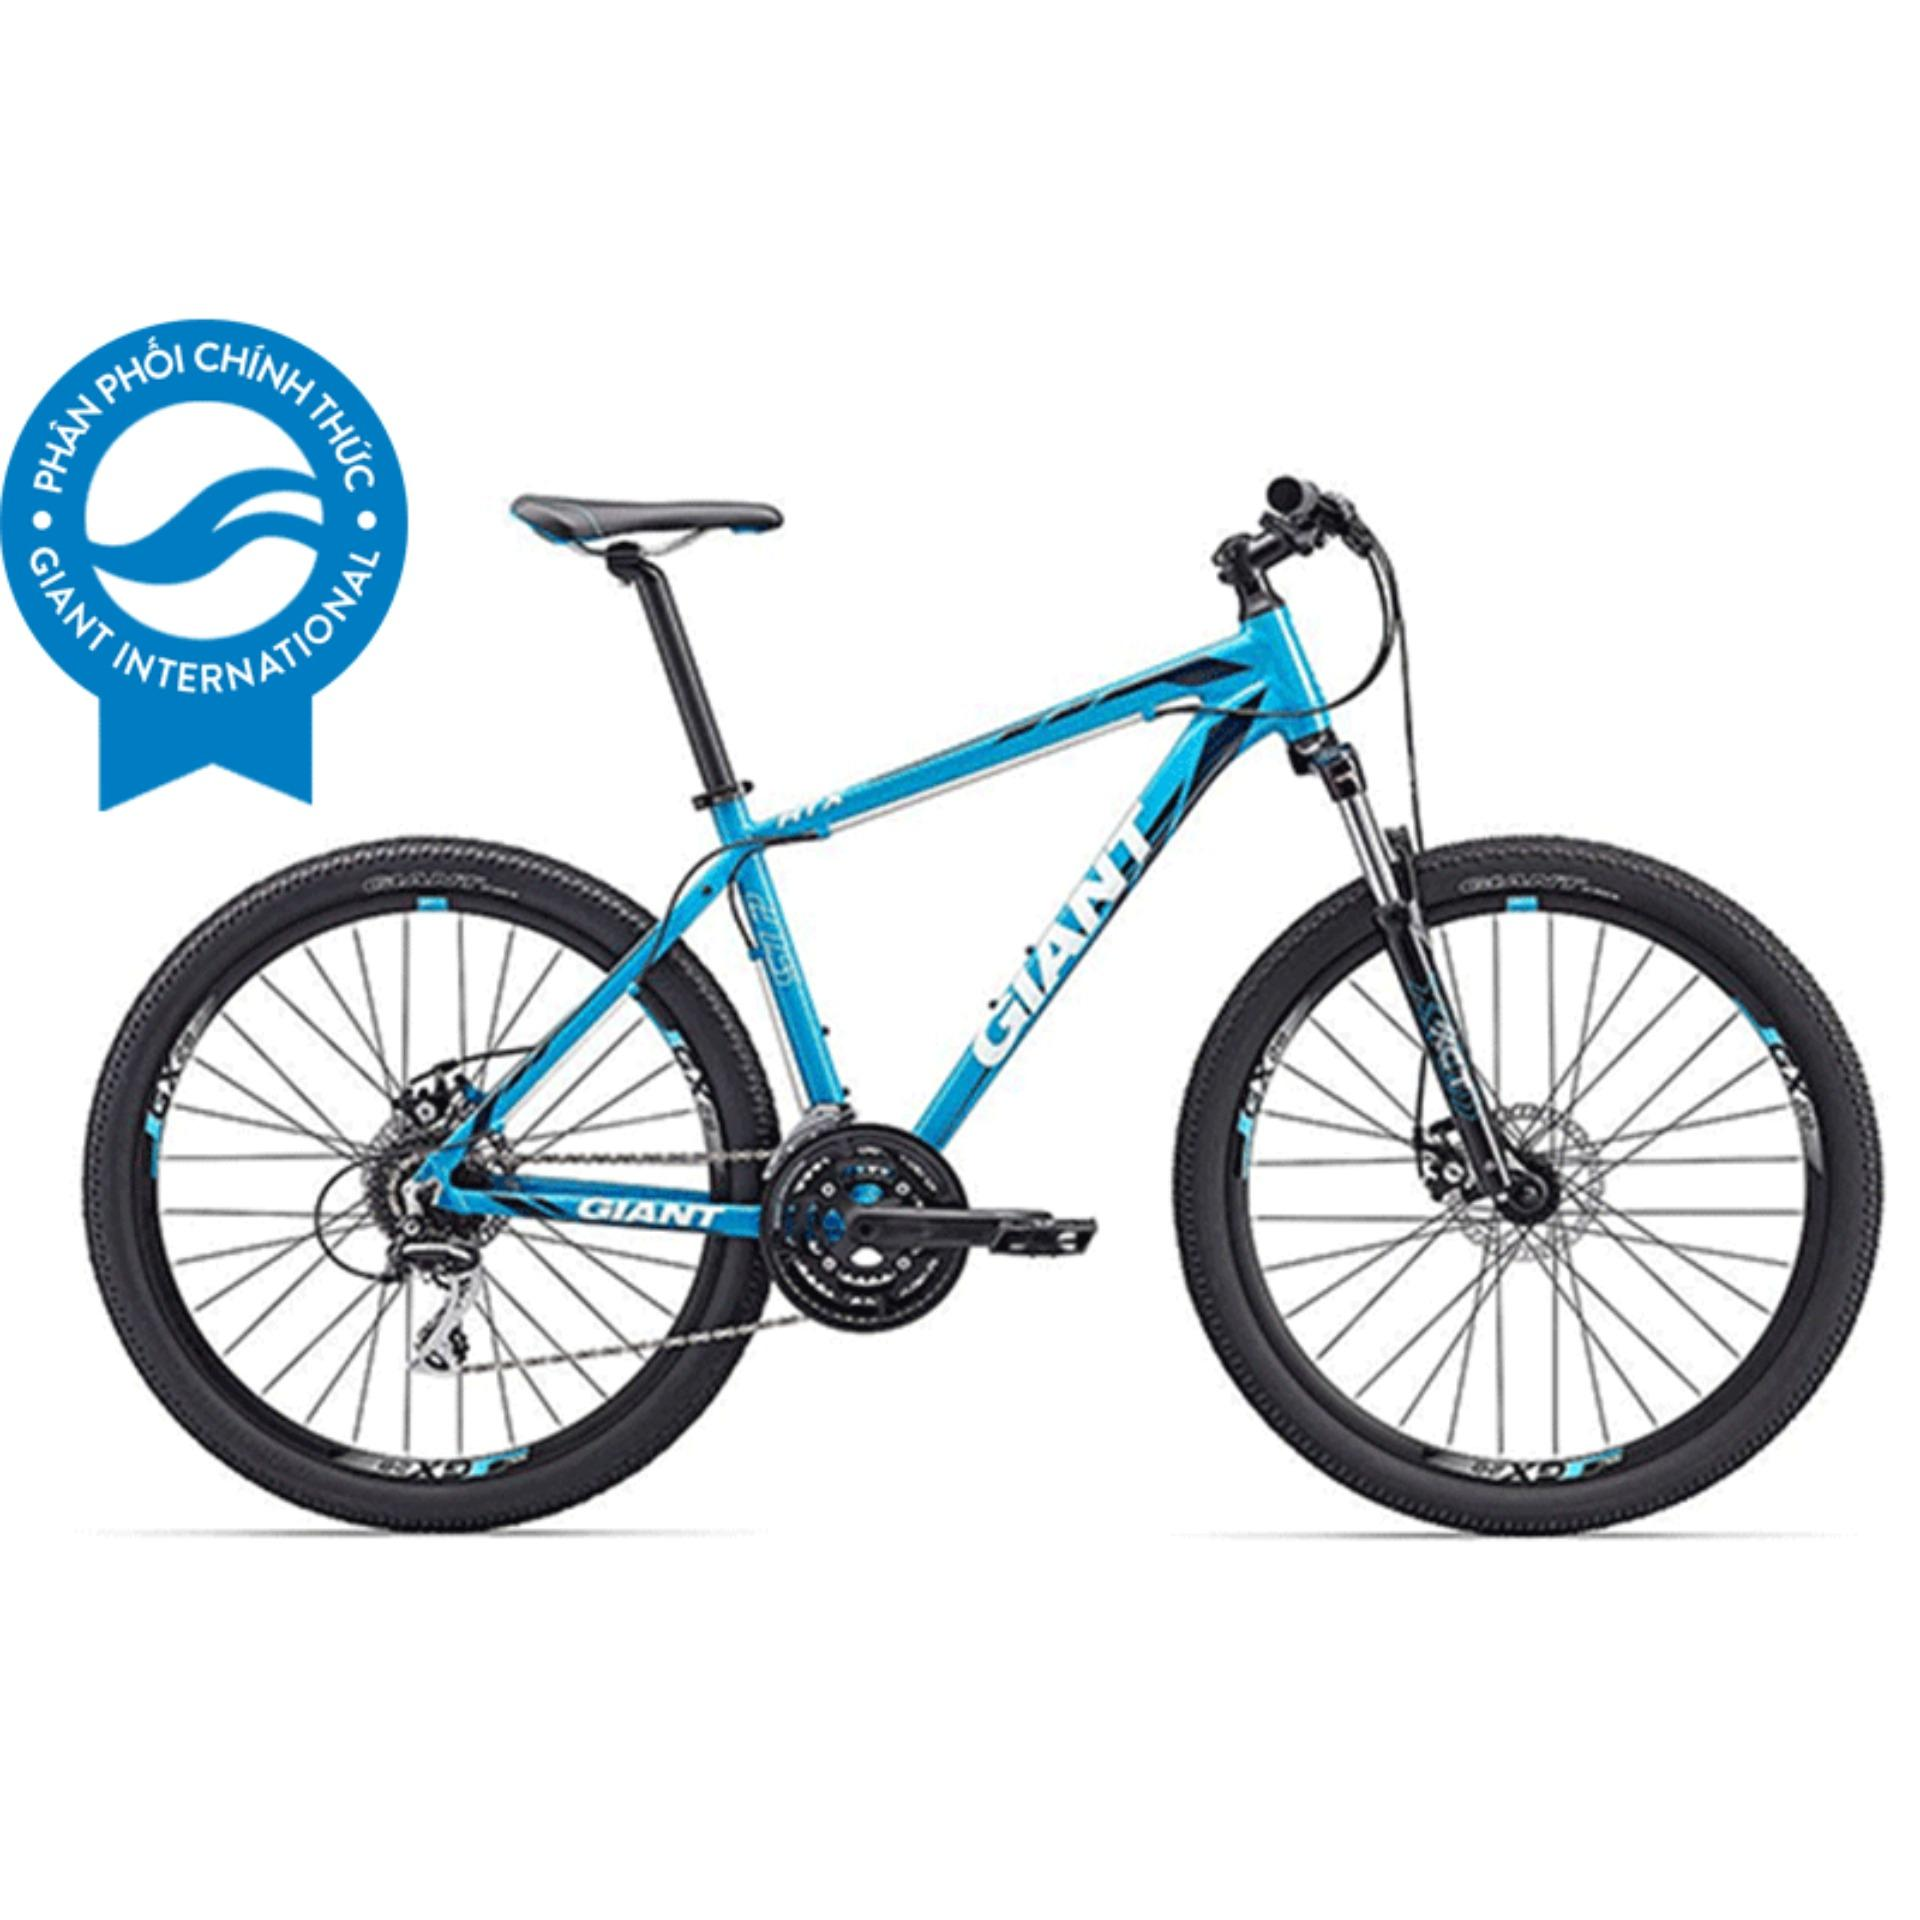 Xe đạp địa hình GIANT ATX 1 - Size S (Xanh/Trắng)